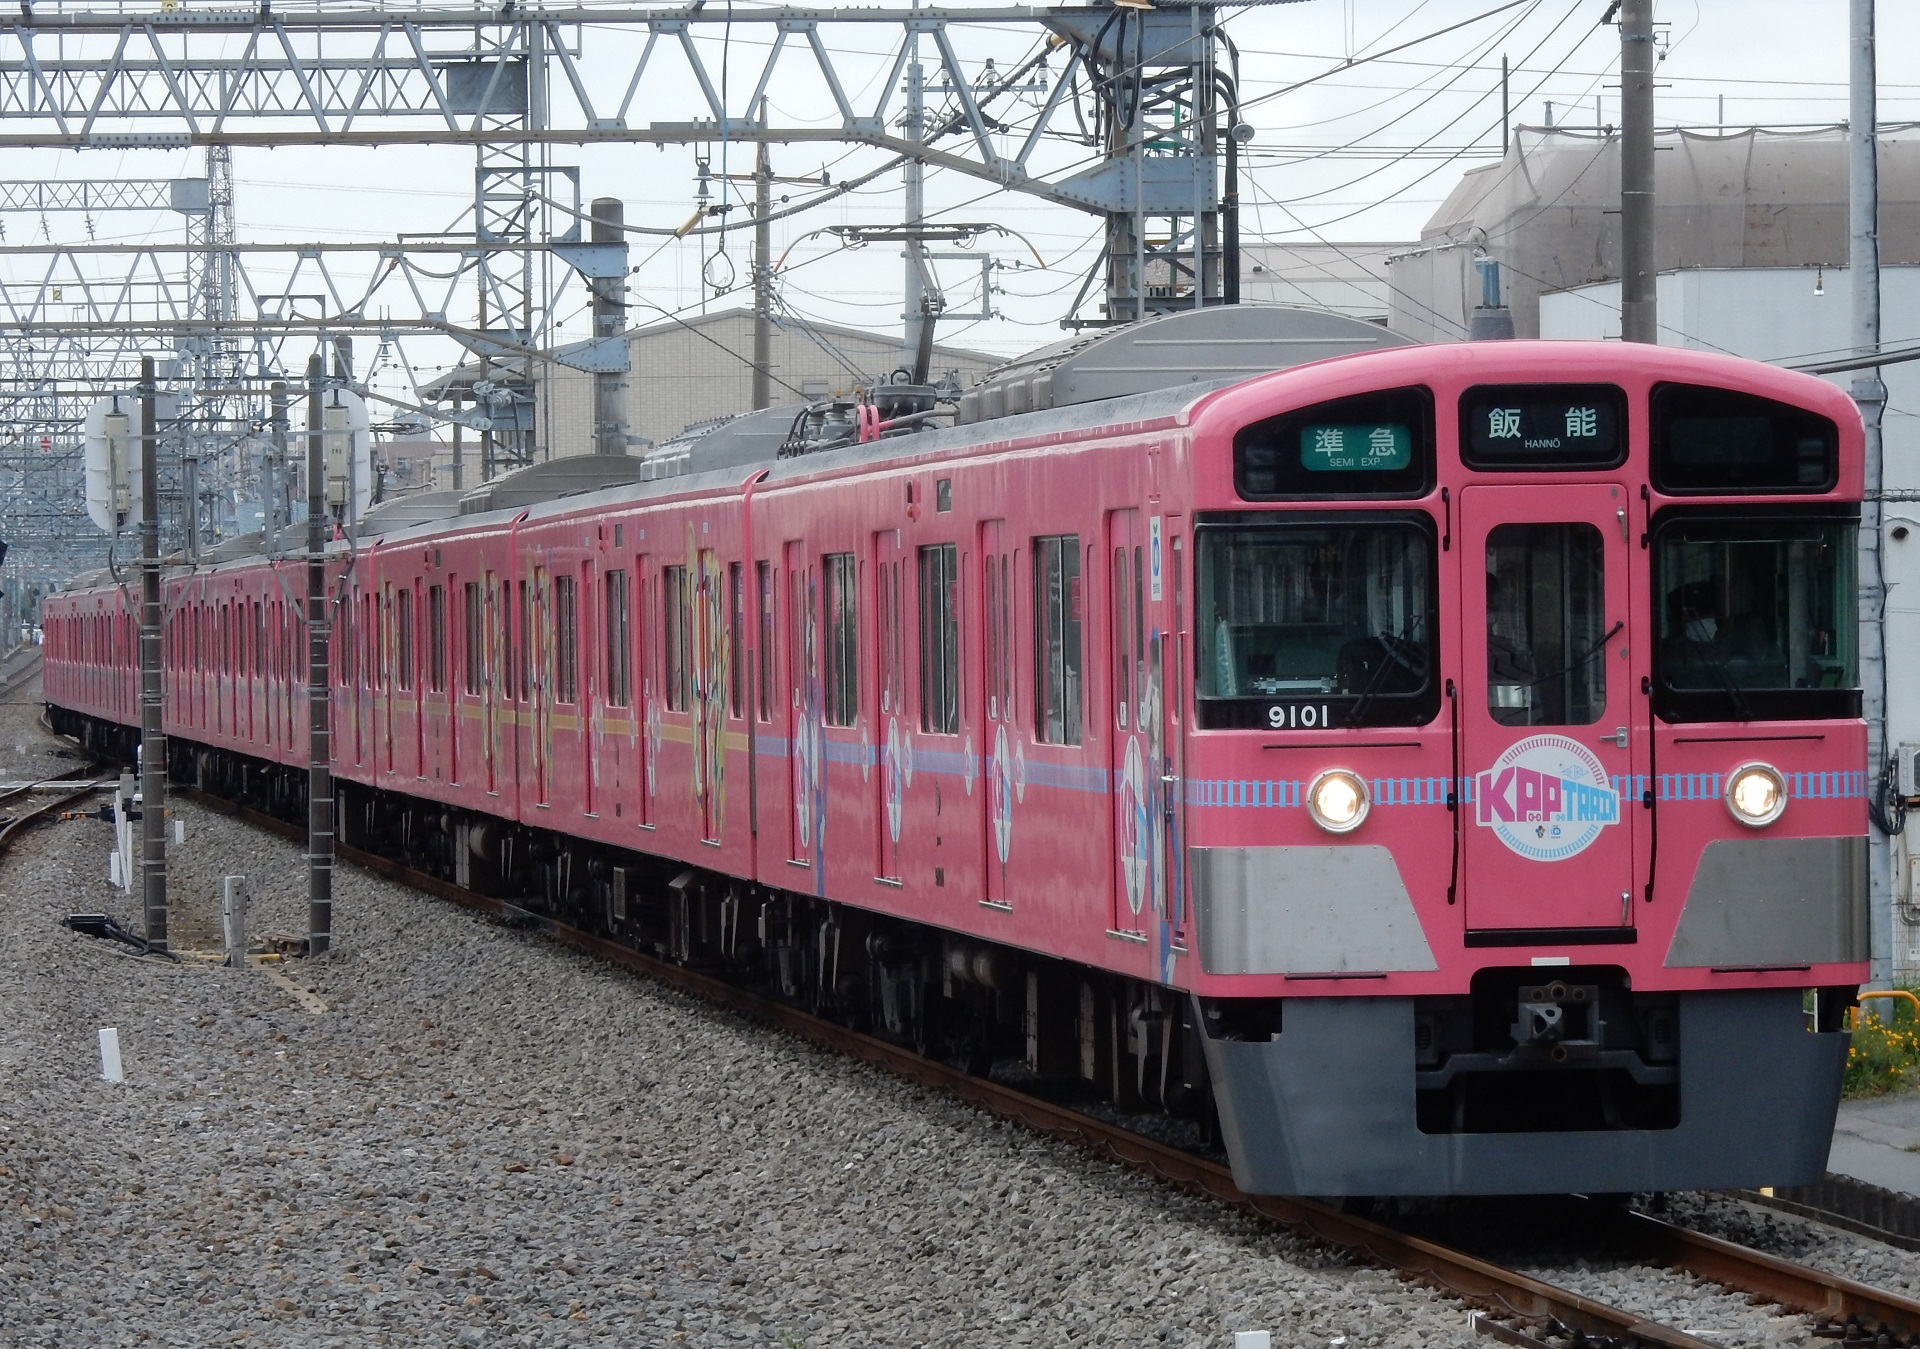 DSCN2642 - コピー